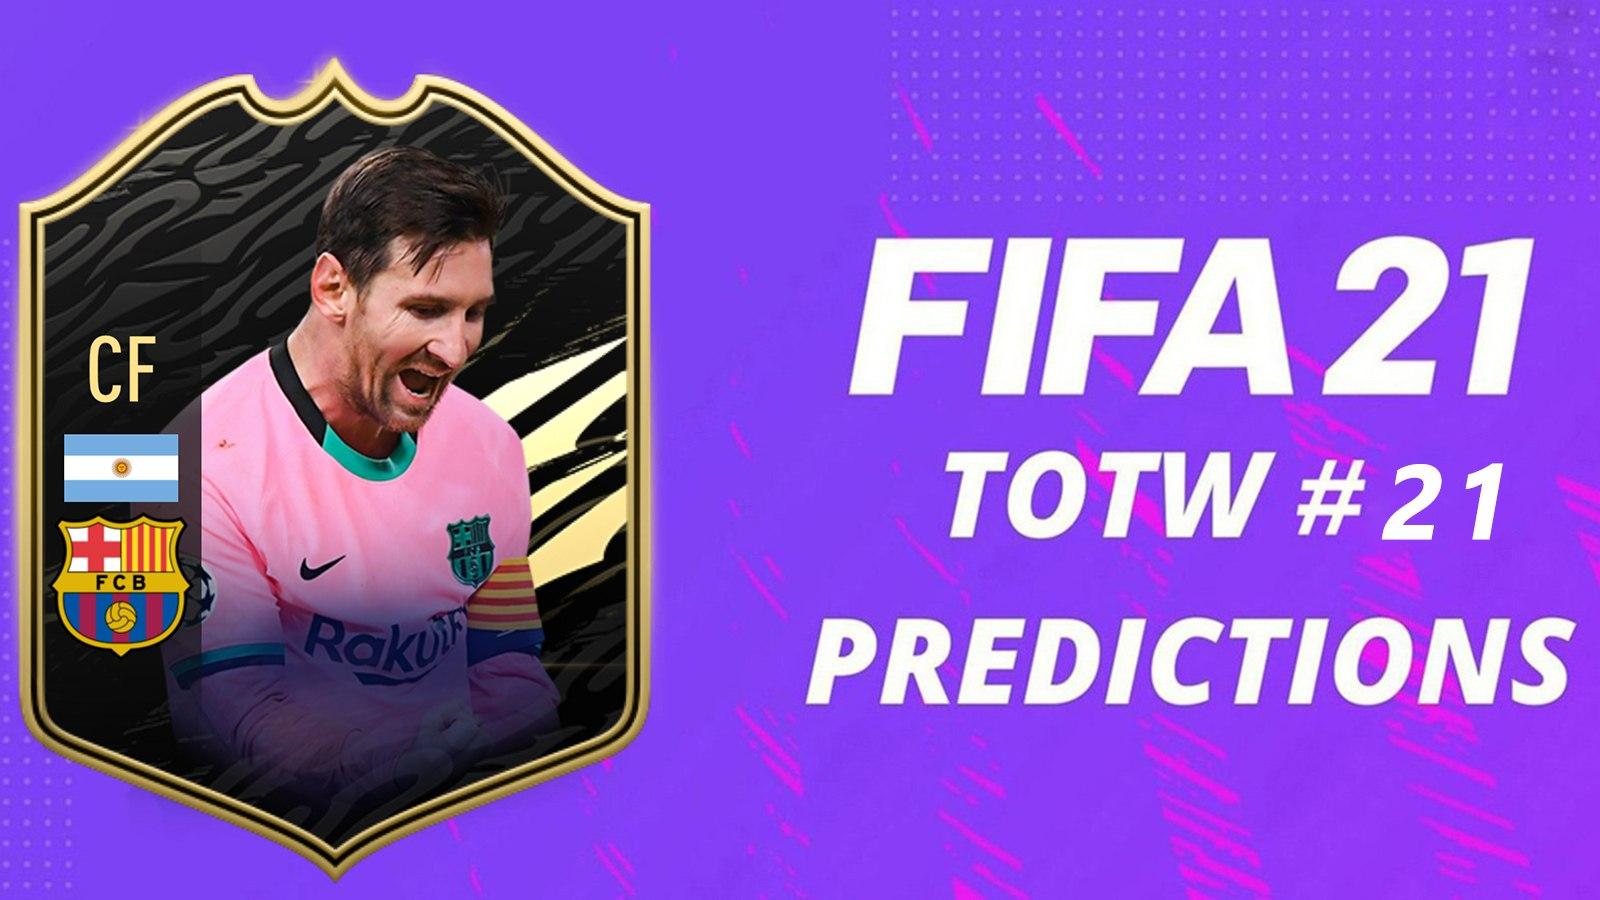 Prédictions TOTW 21 FIFA 21